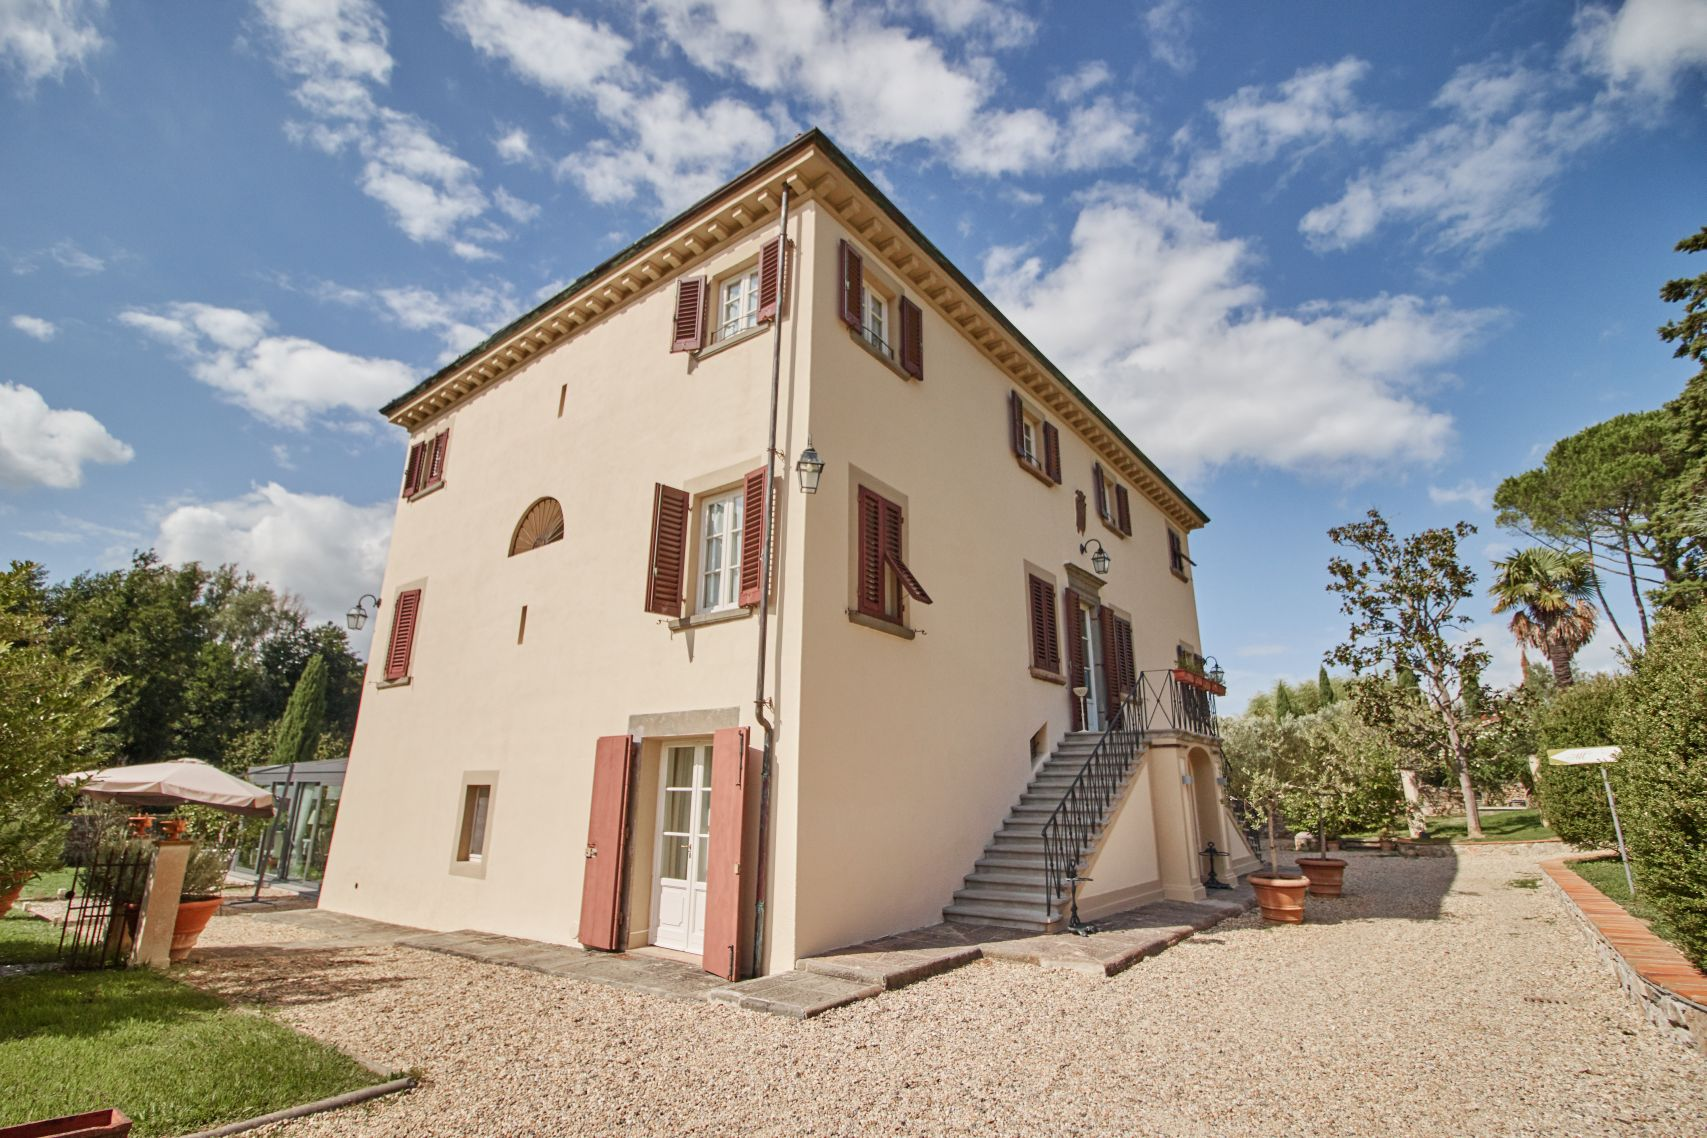 Albergo Villa Marta Lucca als Stopp vom Toskana Roadtrip